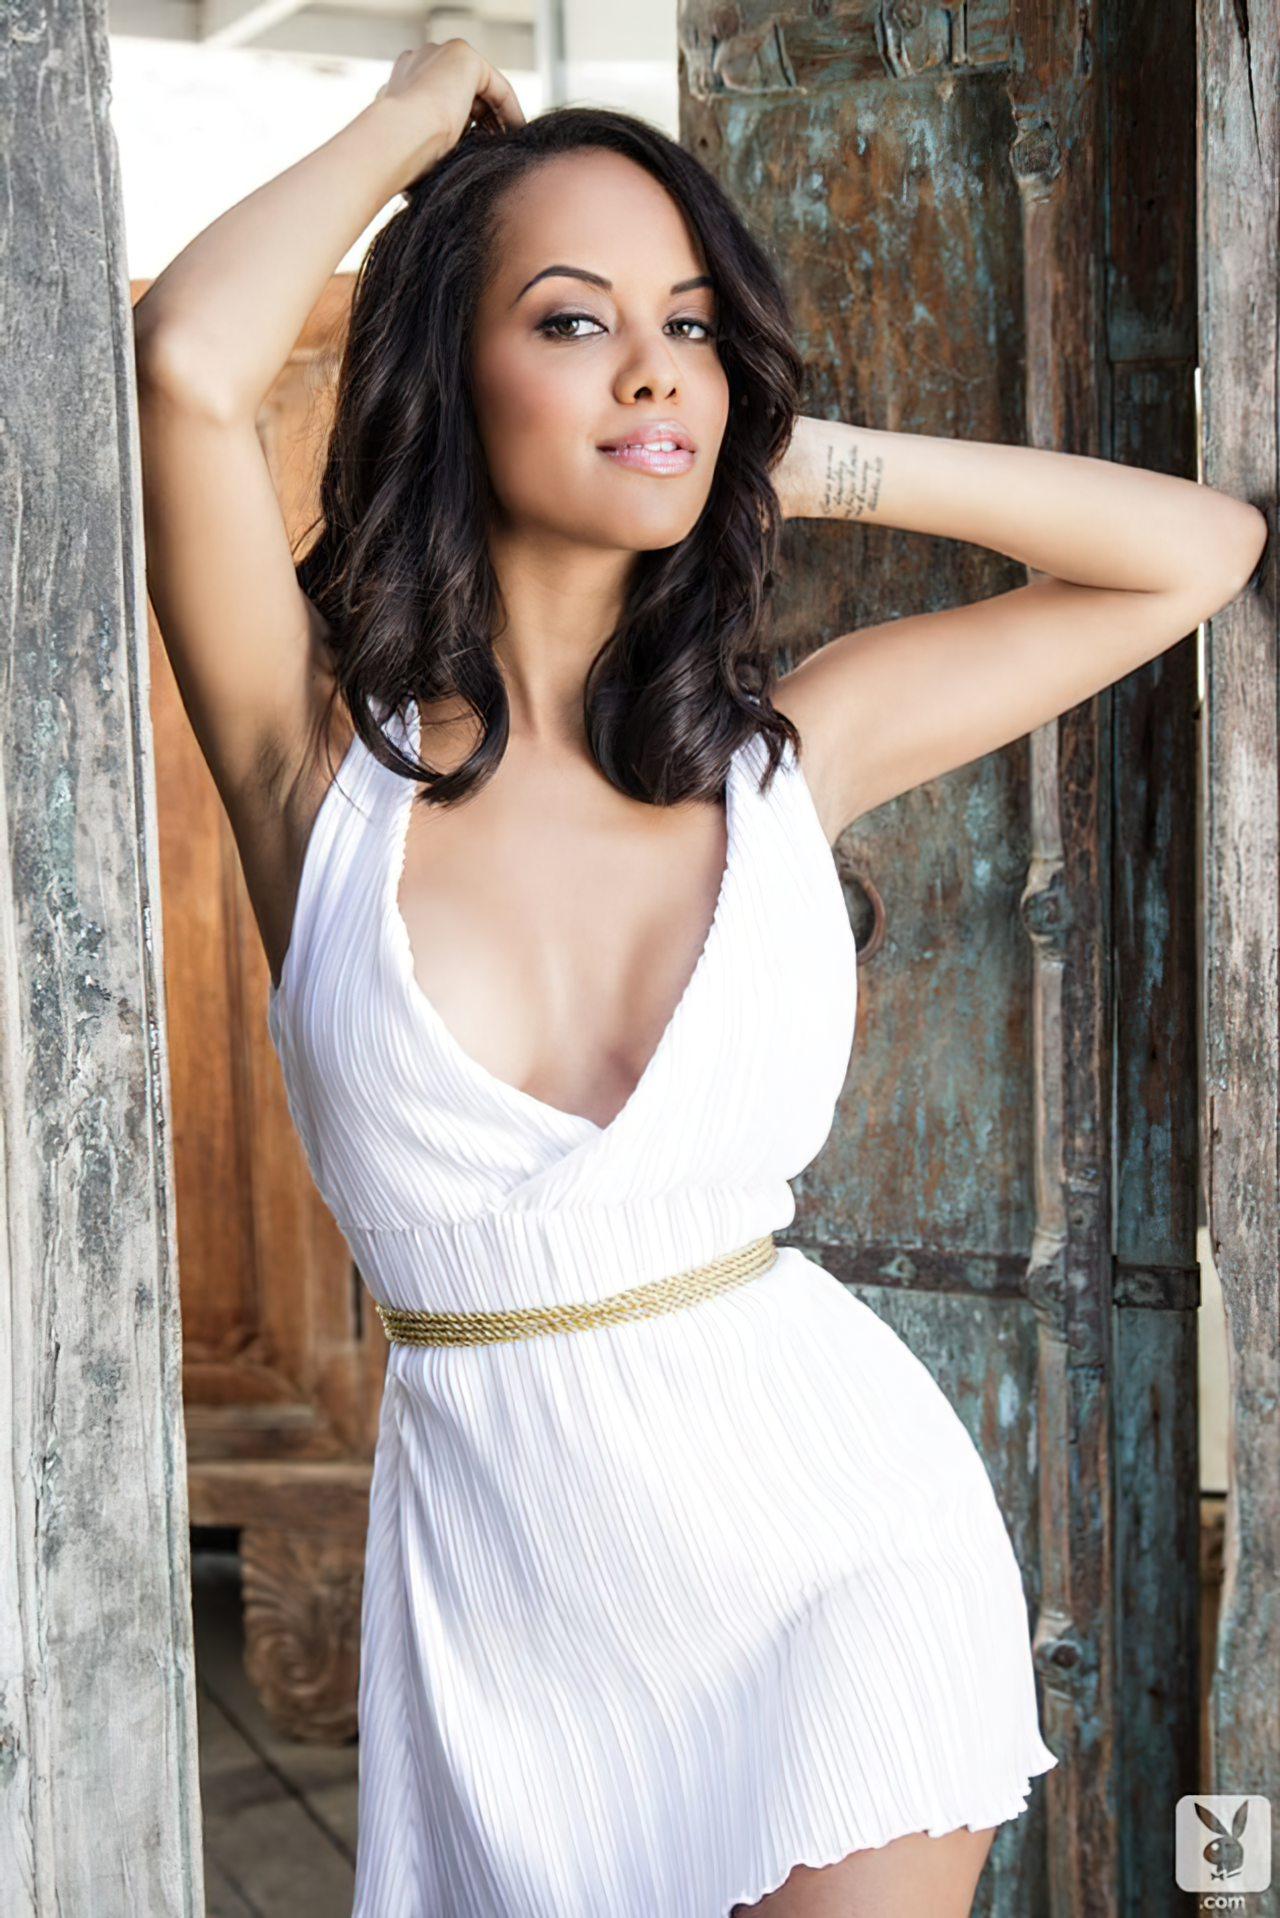 Amina Malakona Nua (1)